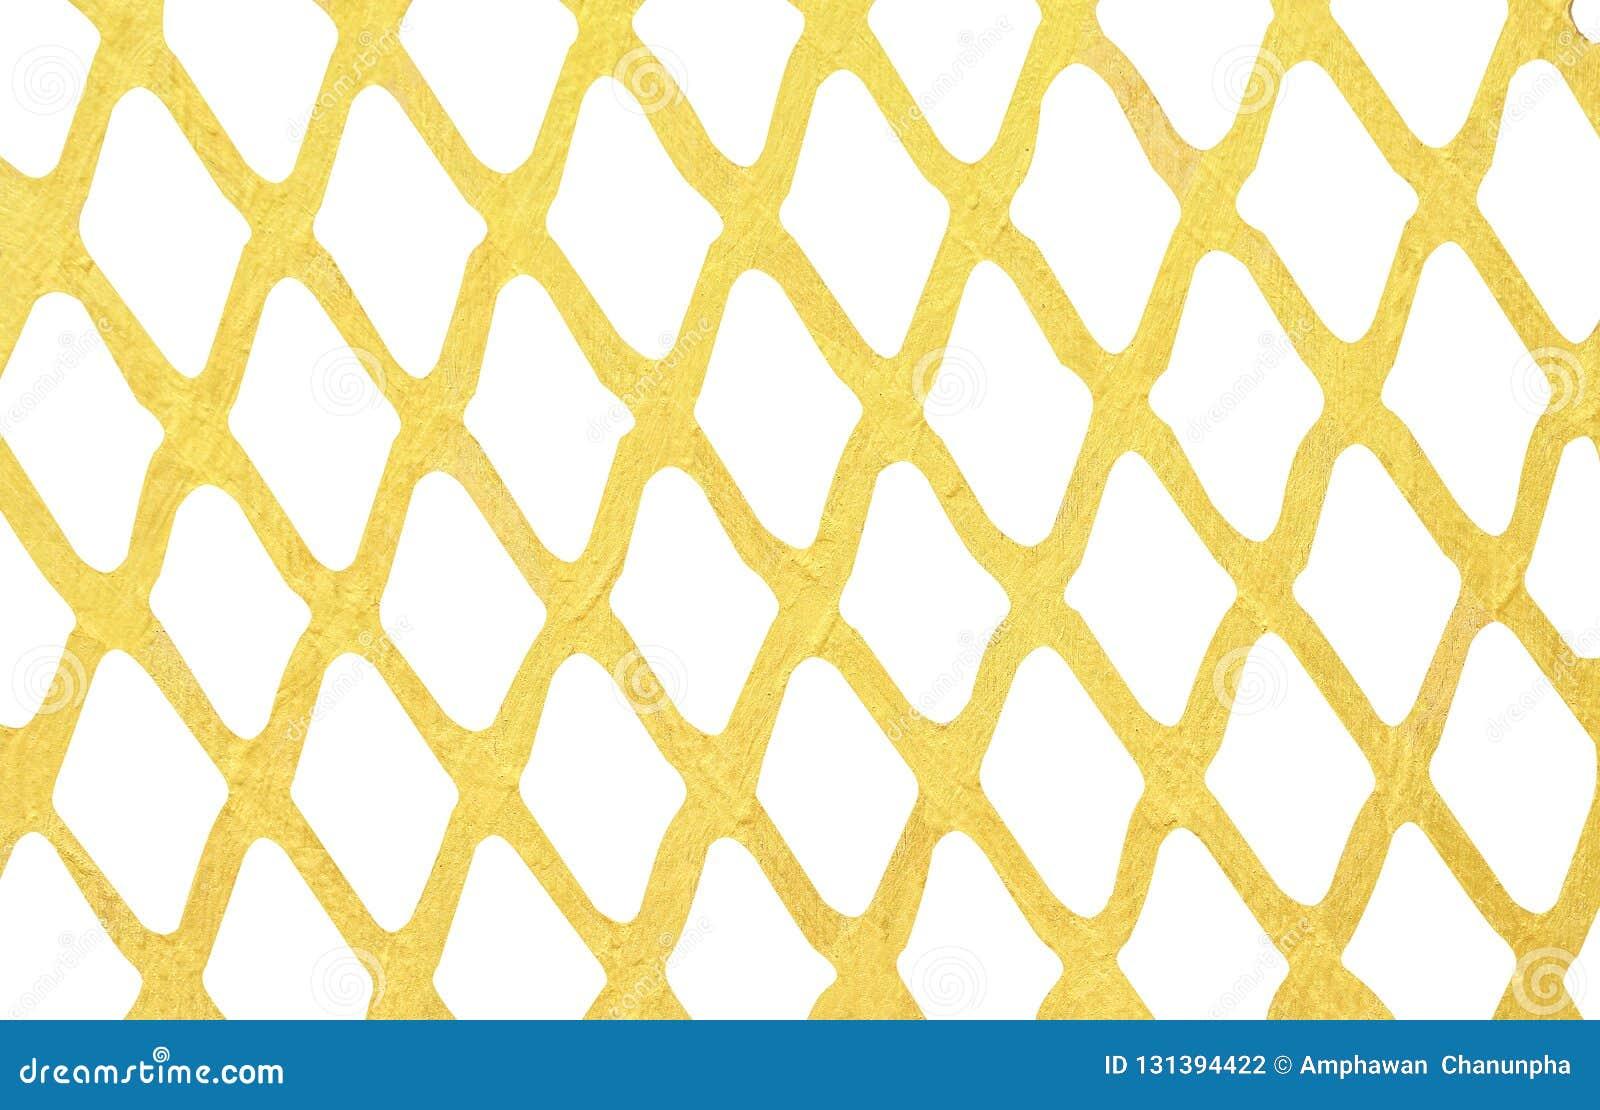 Goldfarbenwand-Maschenmuster lokalisiert auf weißem Hintergrund